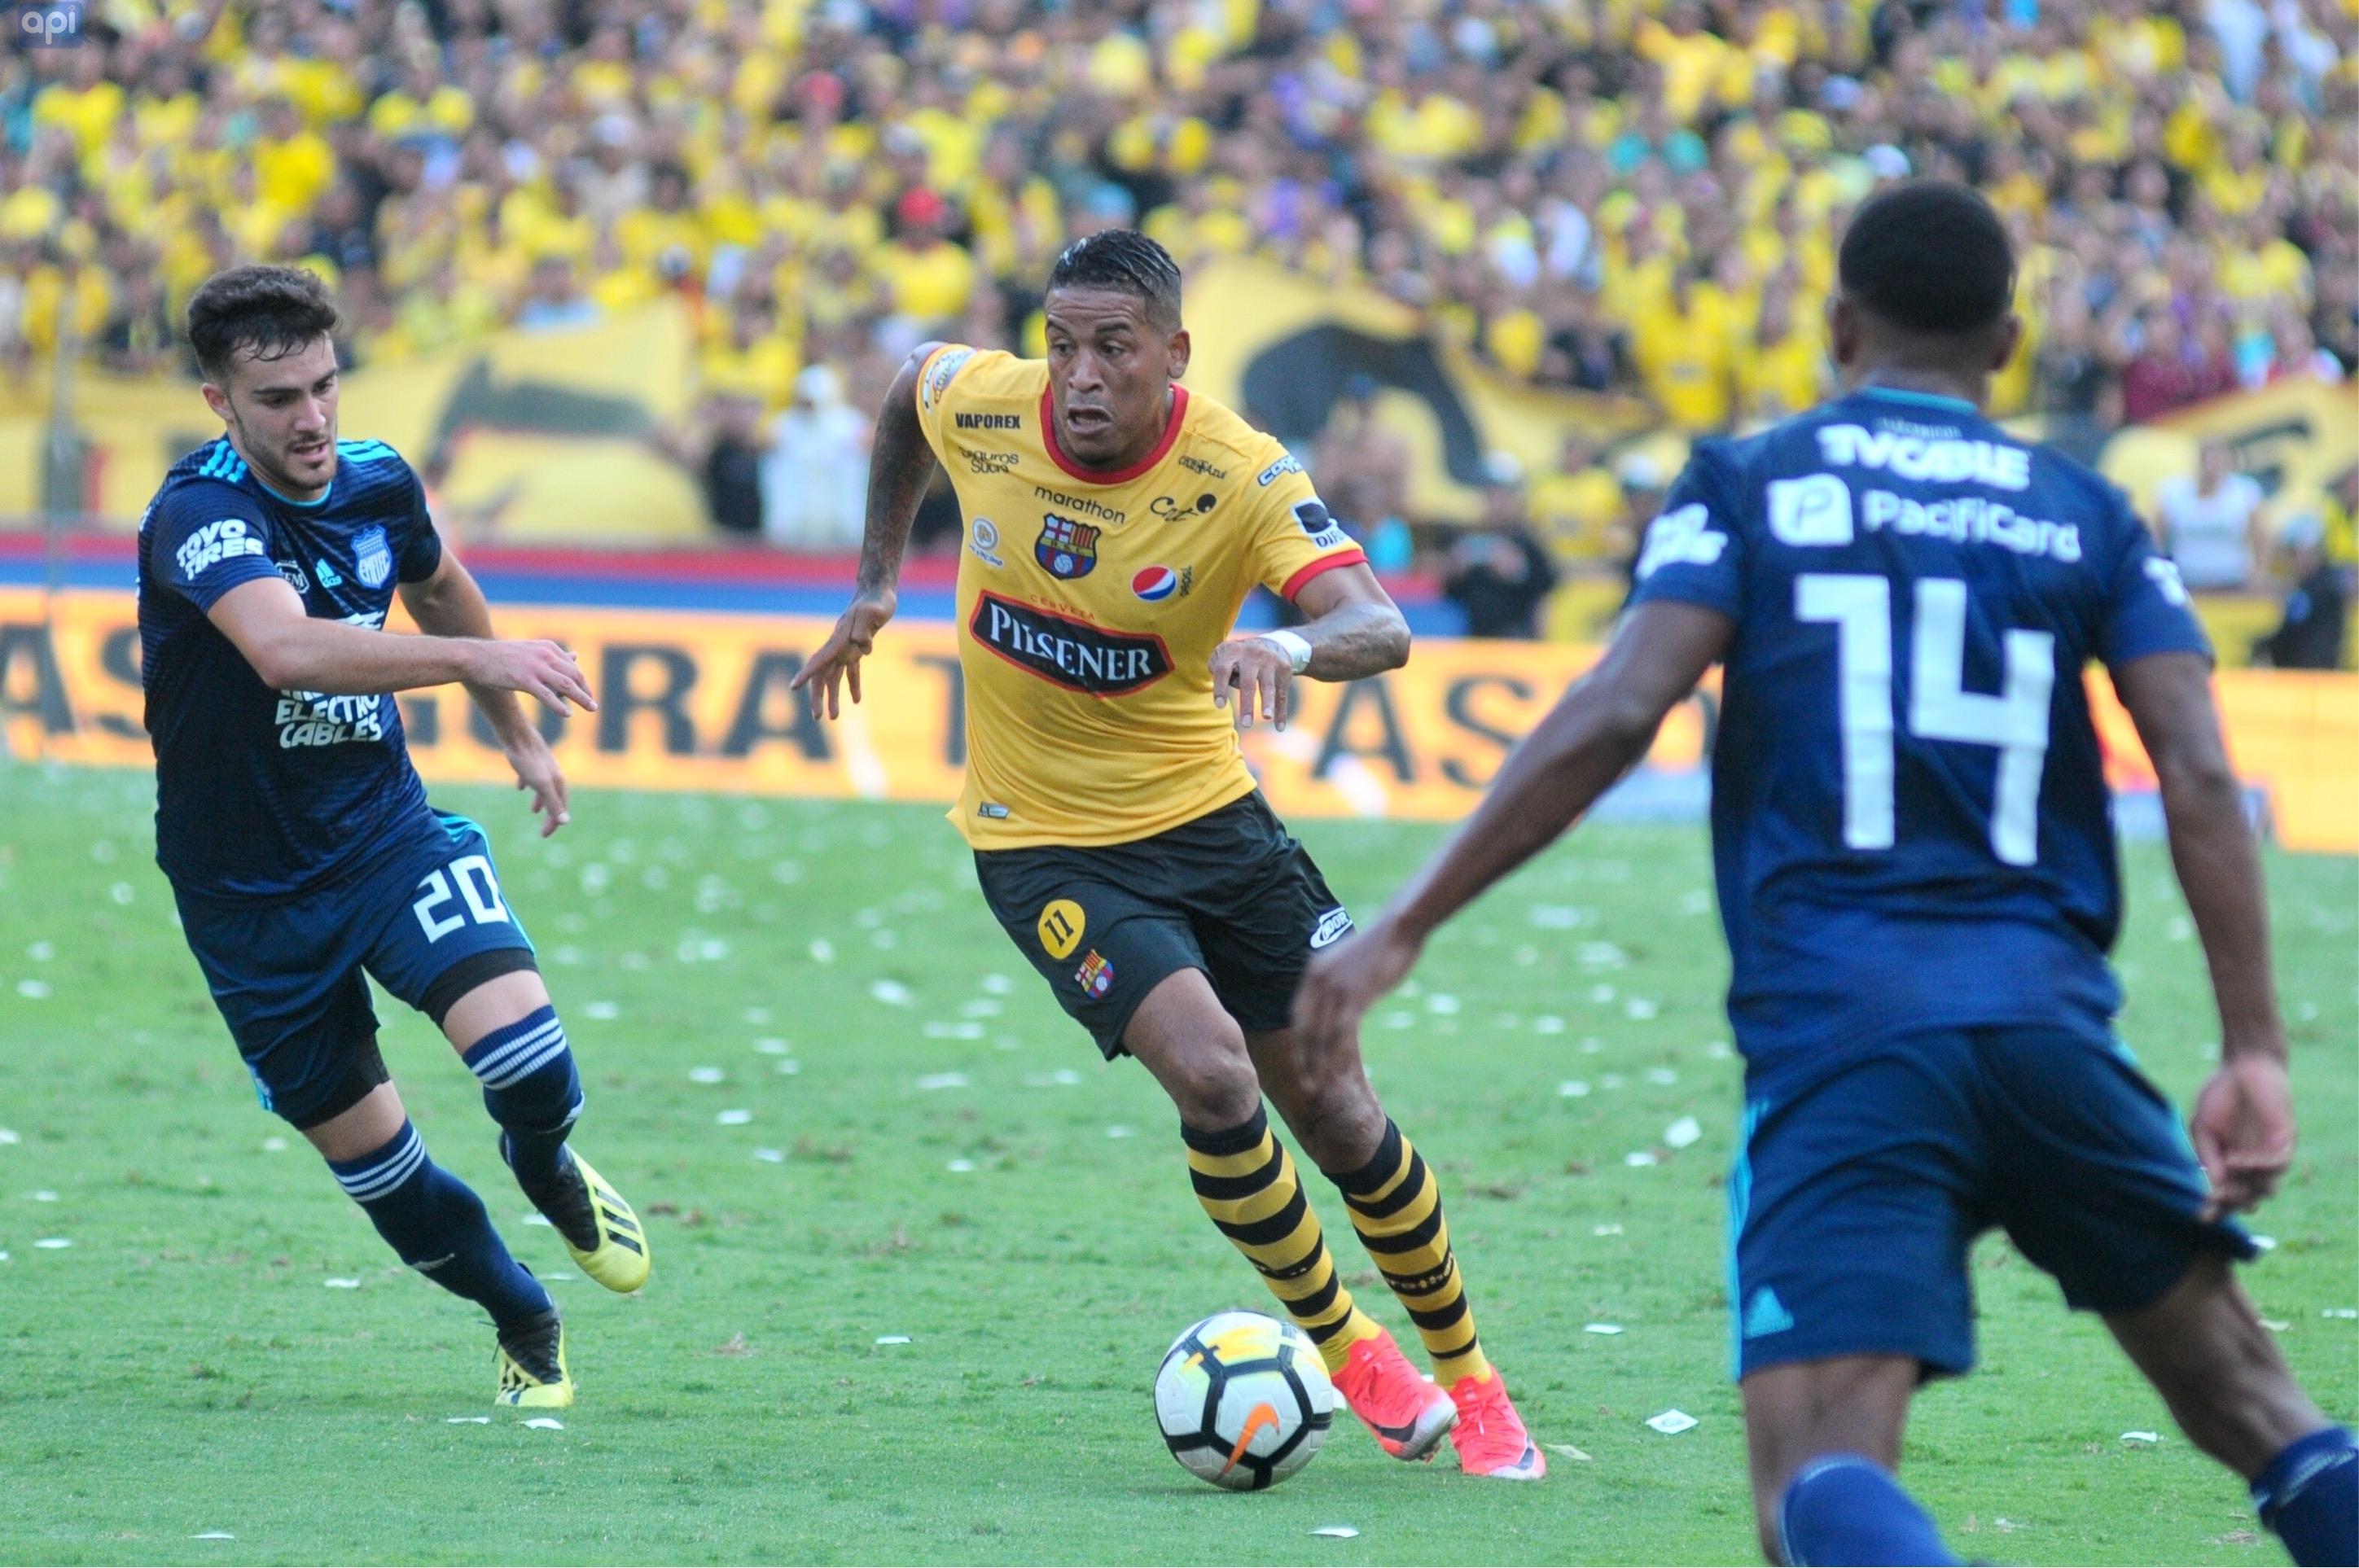 Michael Arroyo admitió sentirse tranquilo, sin embargo, no puede evitar pensar que su carrera como futbolista está en peligro